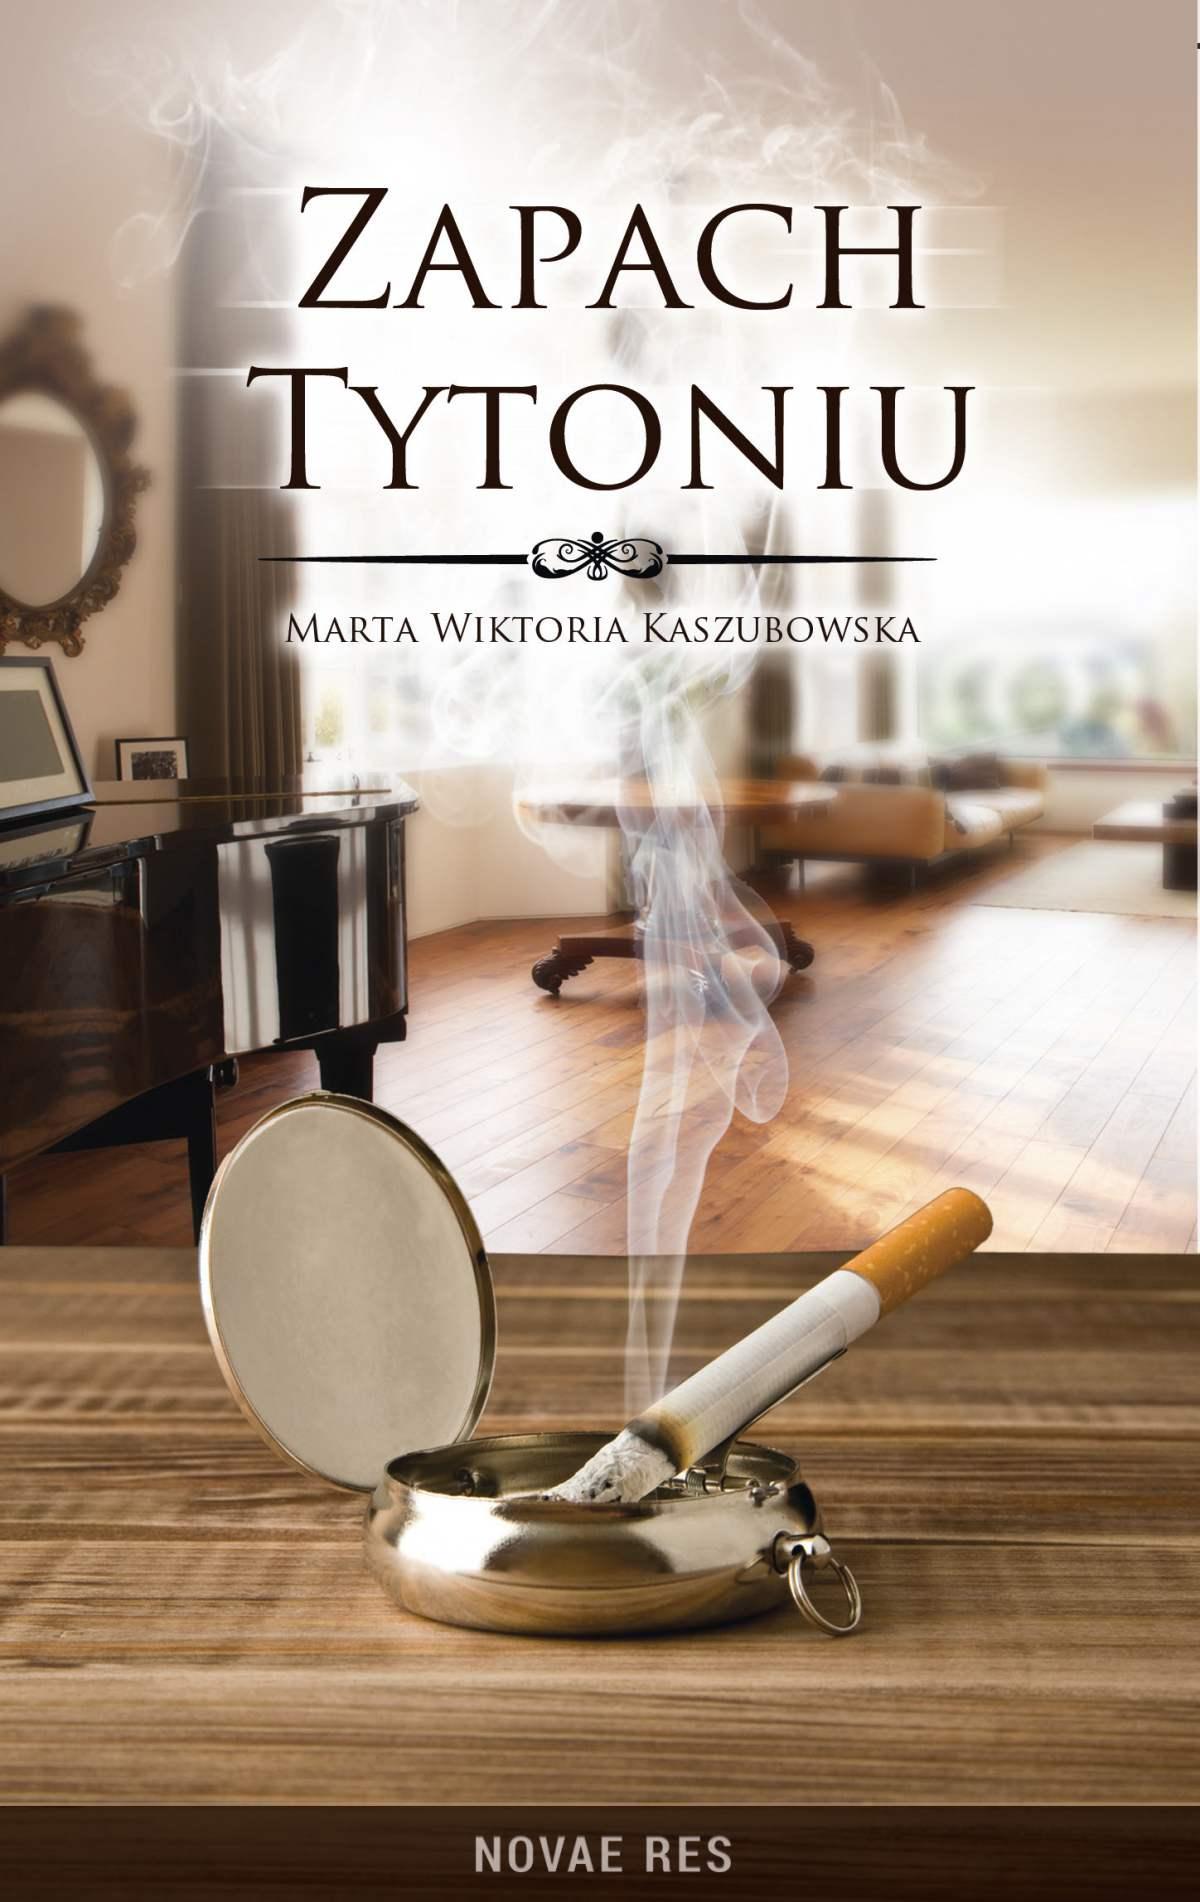 Zapach tytoniu - Ebook (Książka EPUB) do pobrania w formacie EPUB